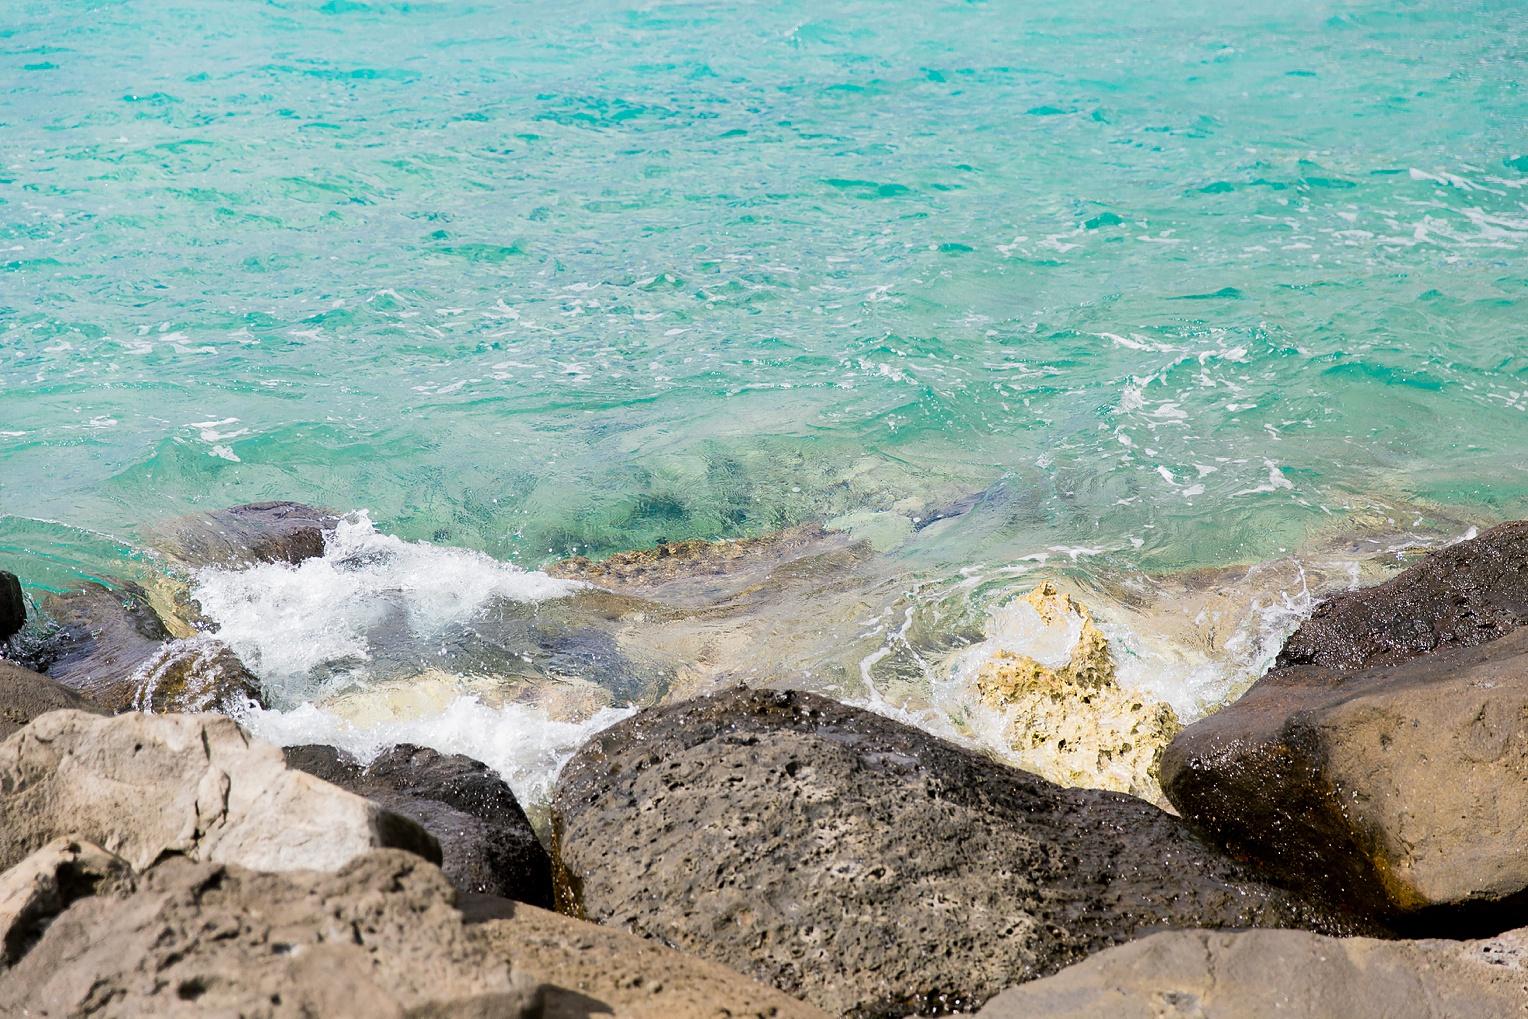 Hawaii Oahu Botanical Gardens Ko'olina Lagoon-9222.jpg